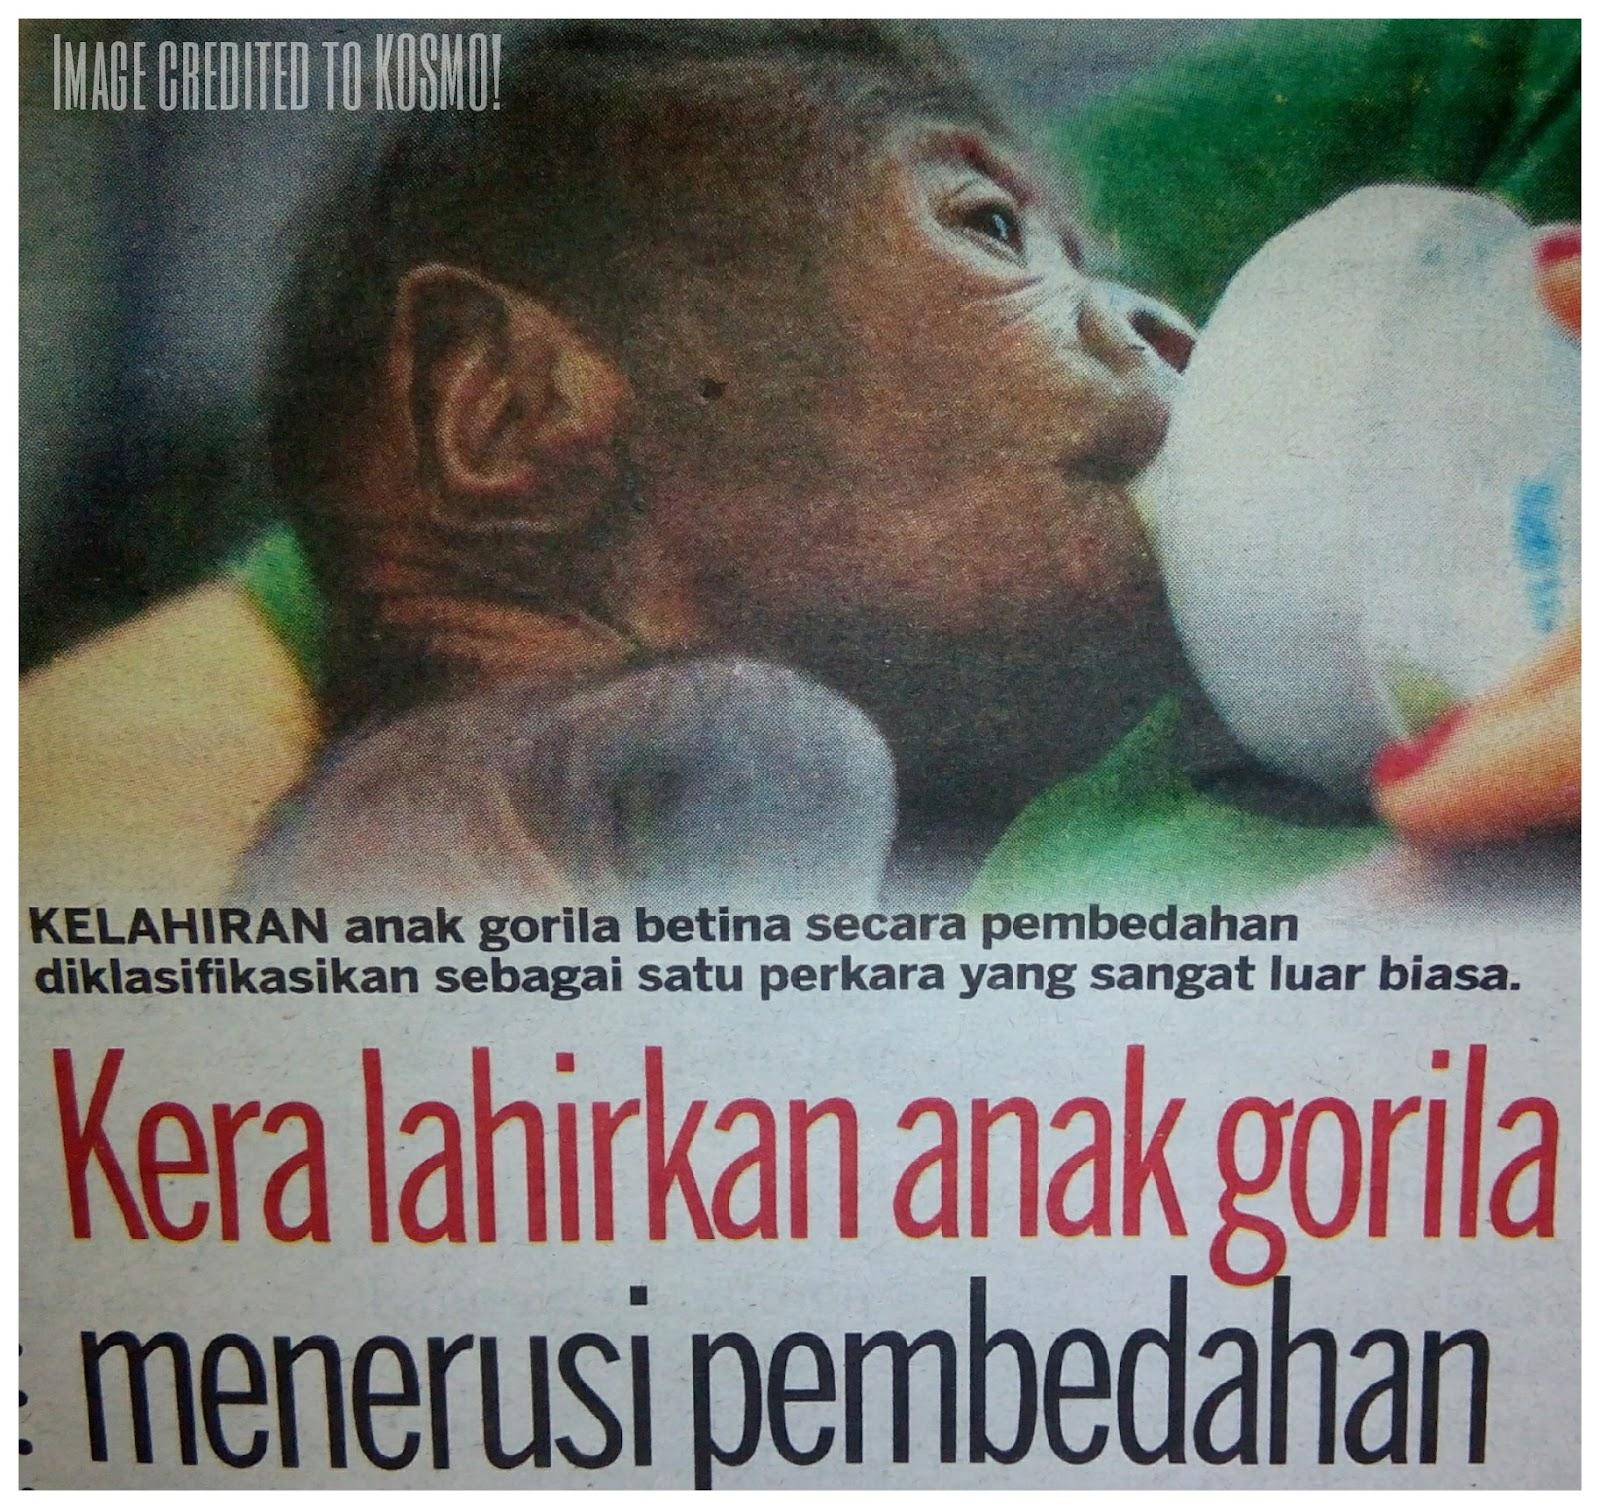 Macam-macam : Kera lahirkan anak gorila.